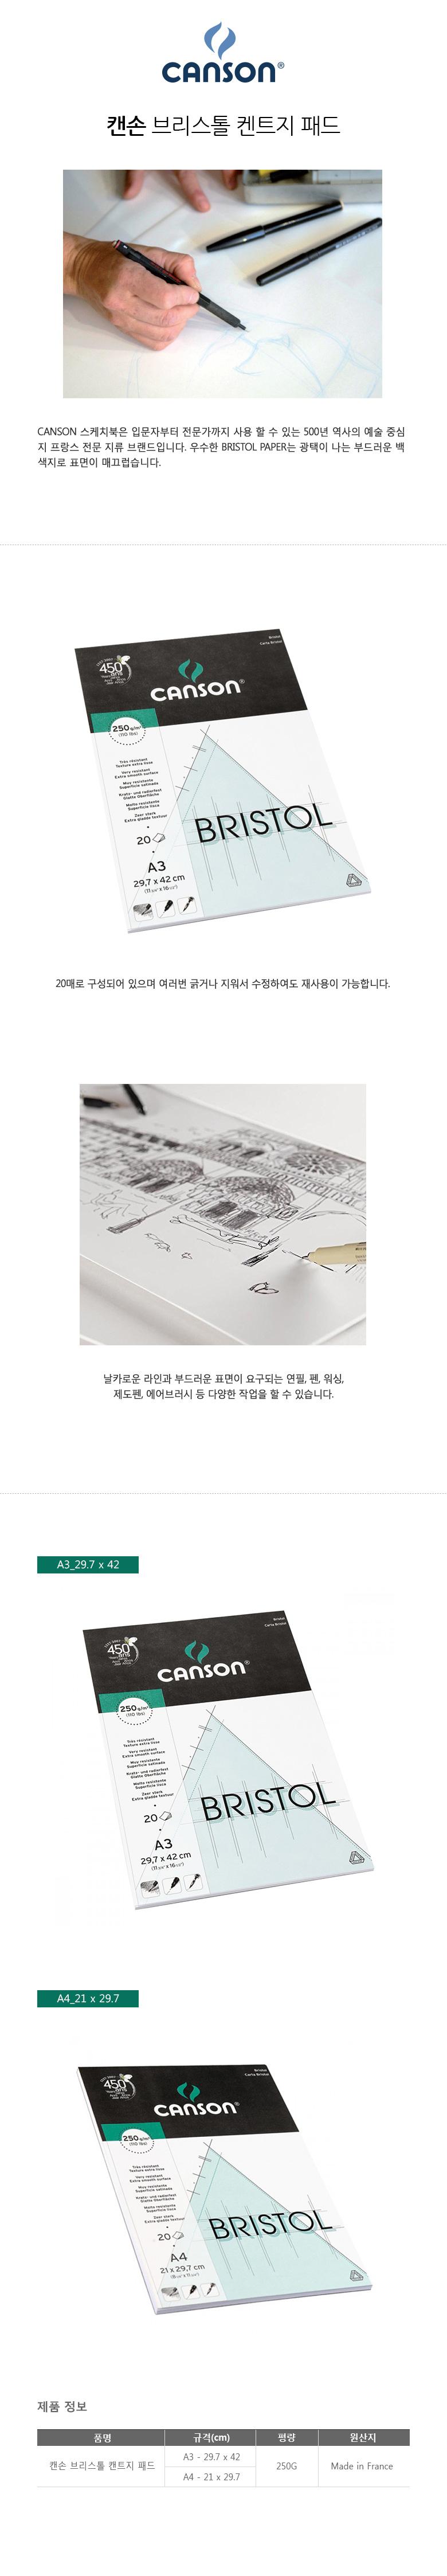 캔손 브리스톨 캔트지 250g - 캘리하우스, 13,000원, 화방지류, 드로잉북